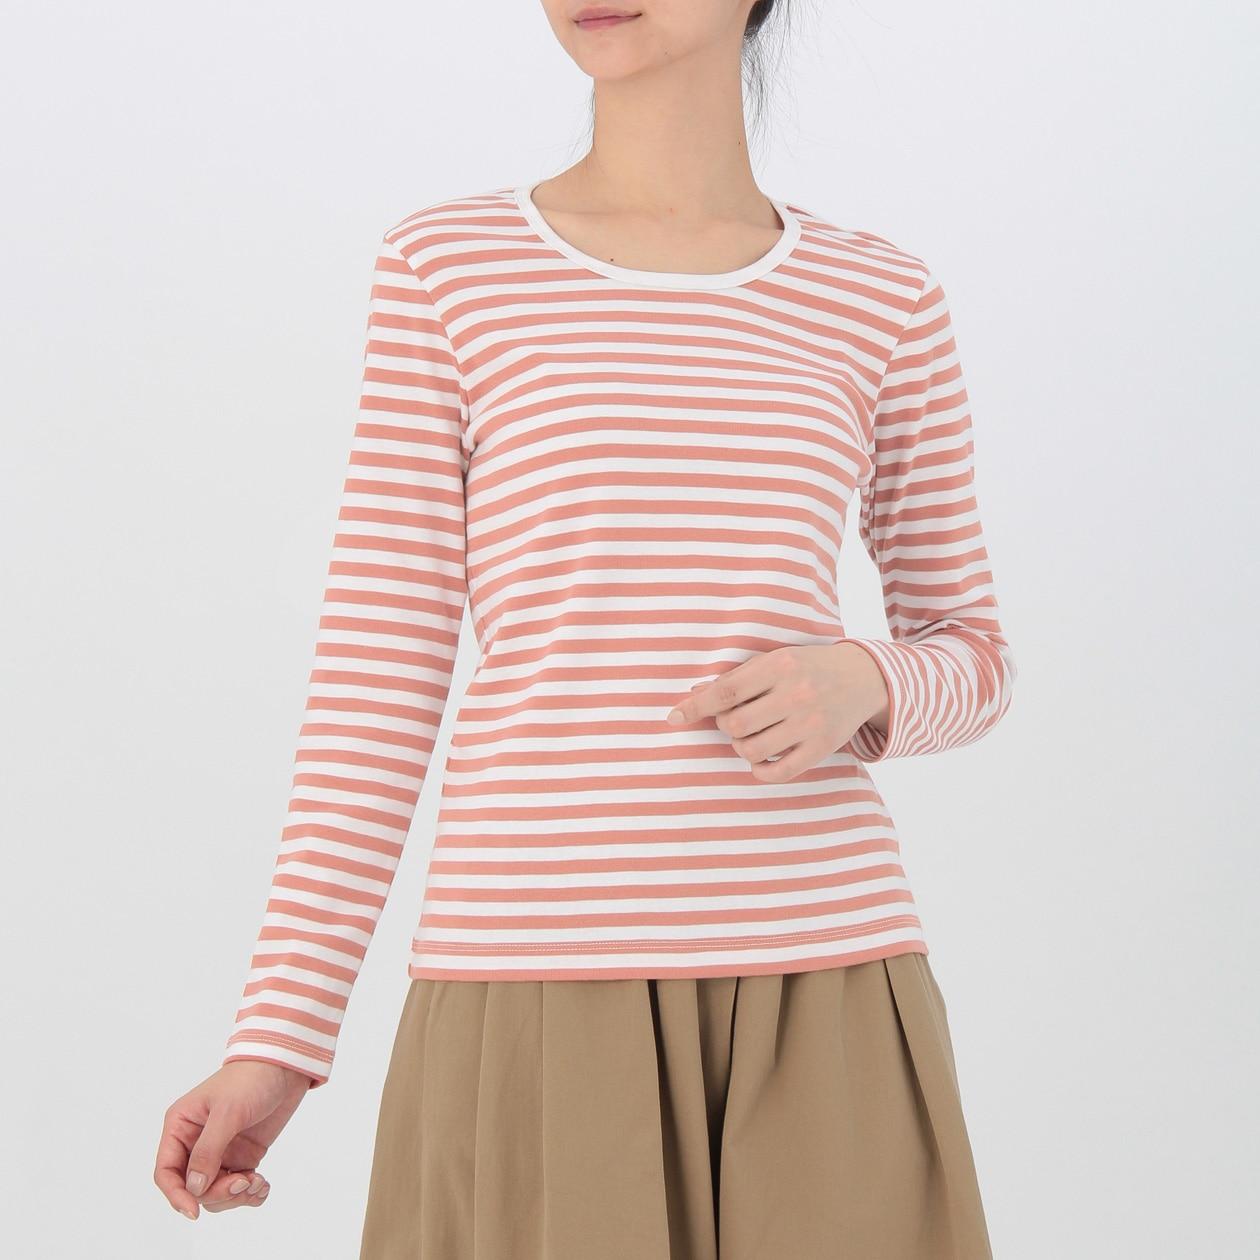 無印良品 ボーダーTシャツ ピンク_画像4